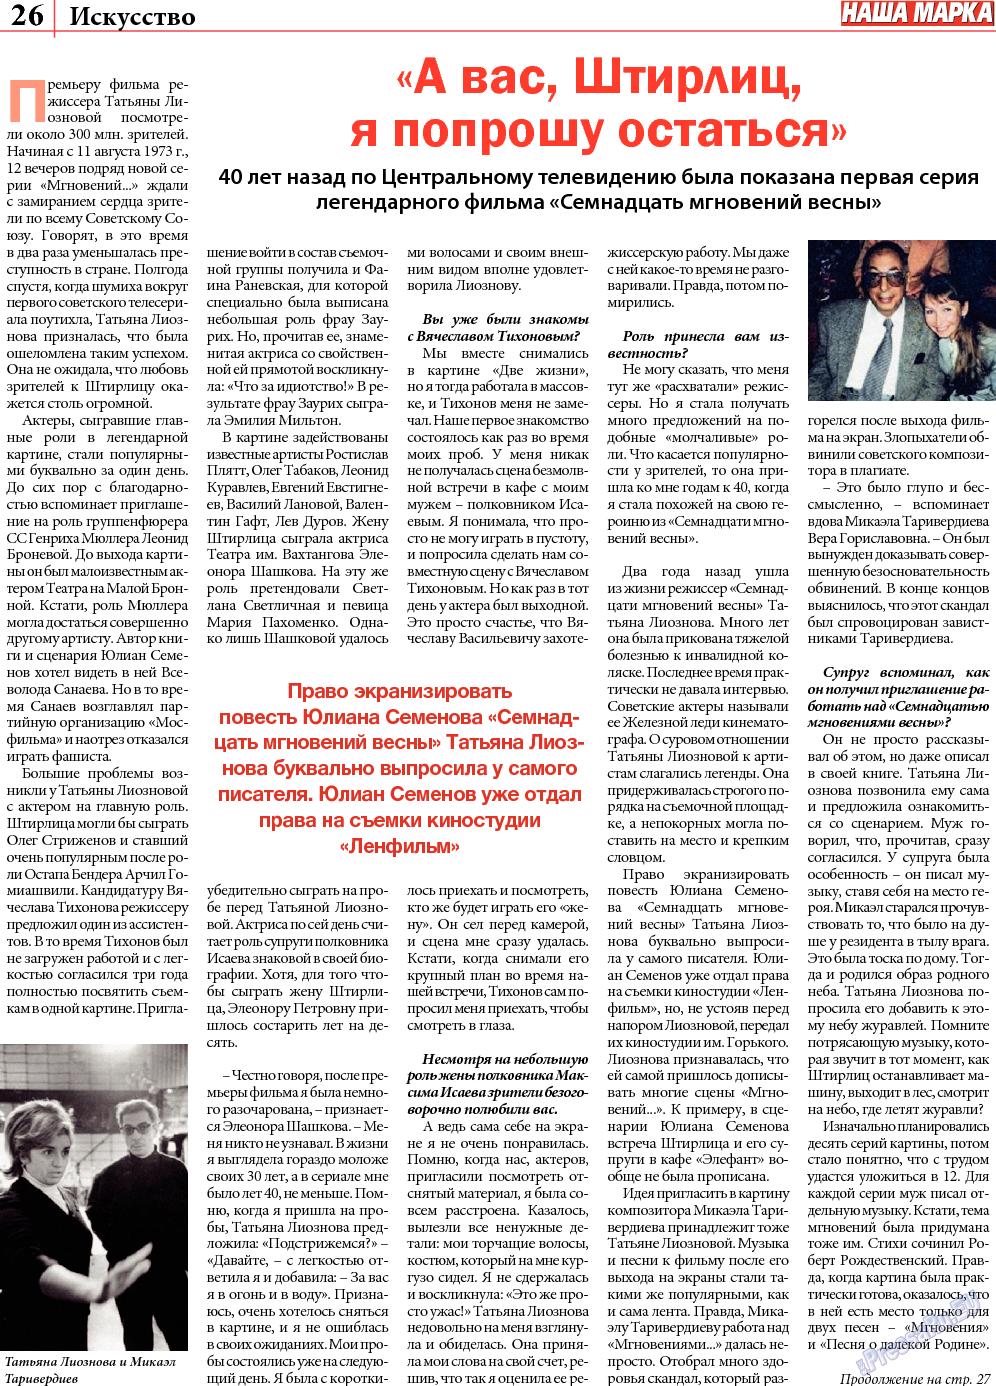 Наша марка (газета). 2013 год, номер 9, стр. 26